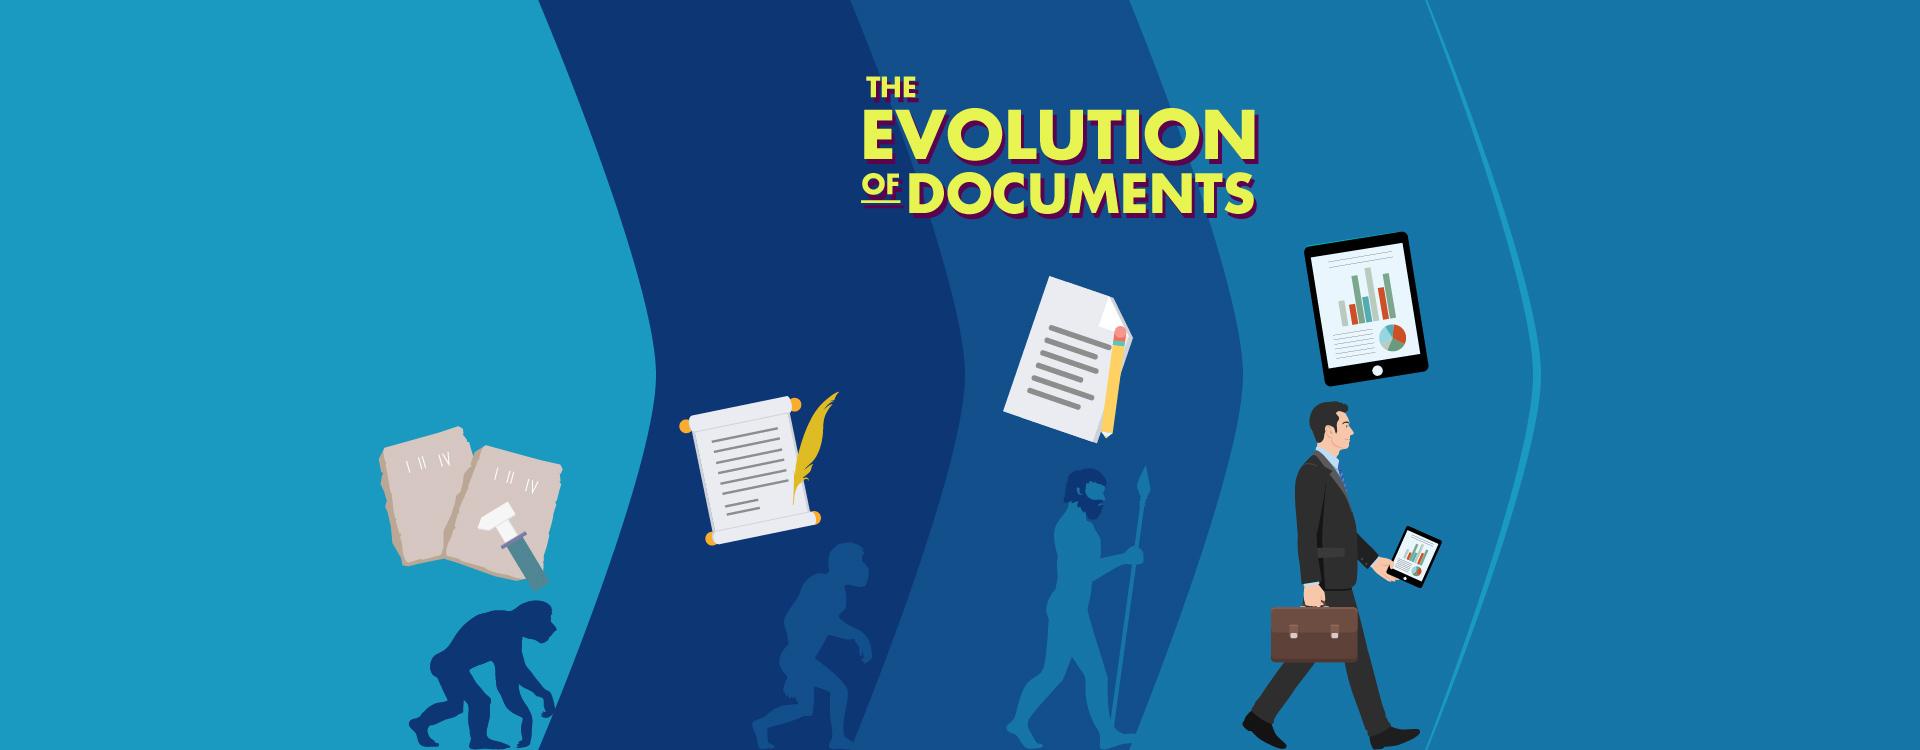 banner_evolution+of+document-01.jpg